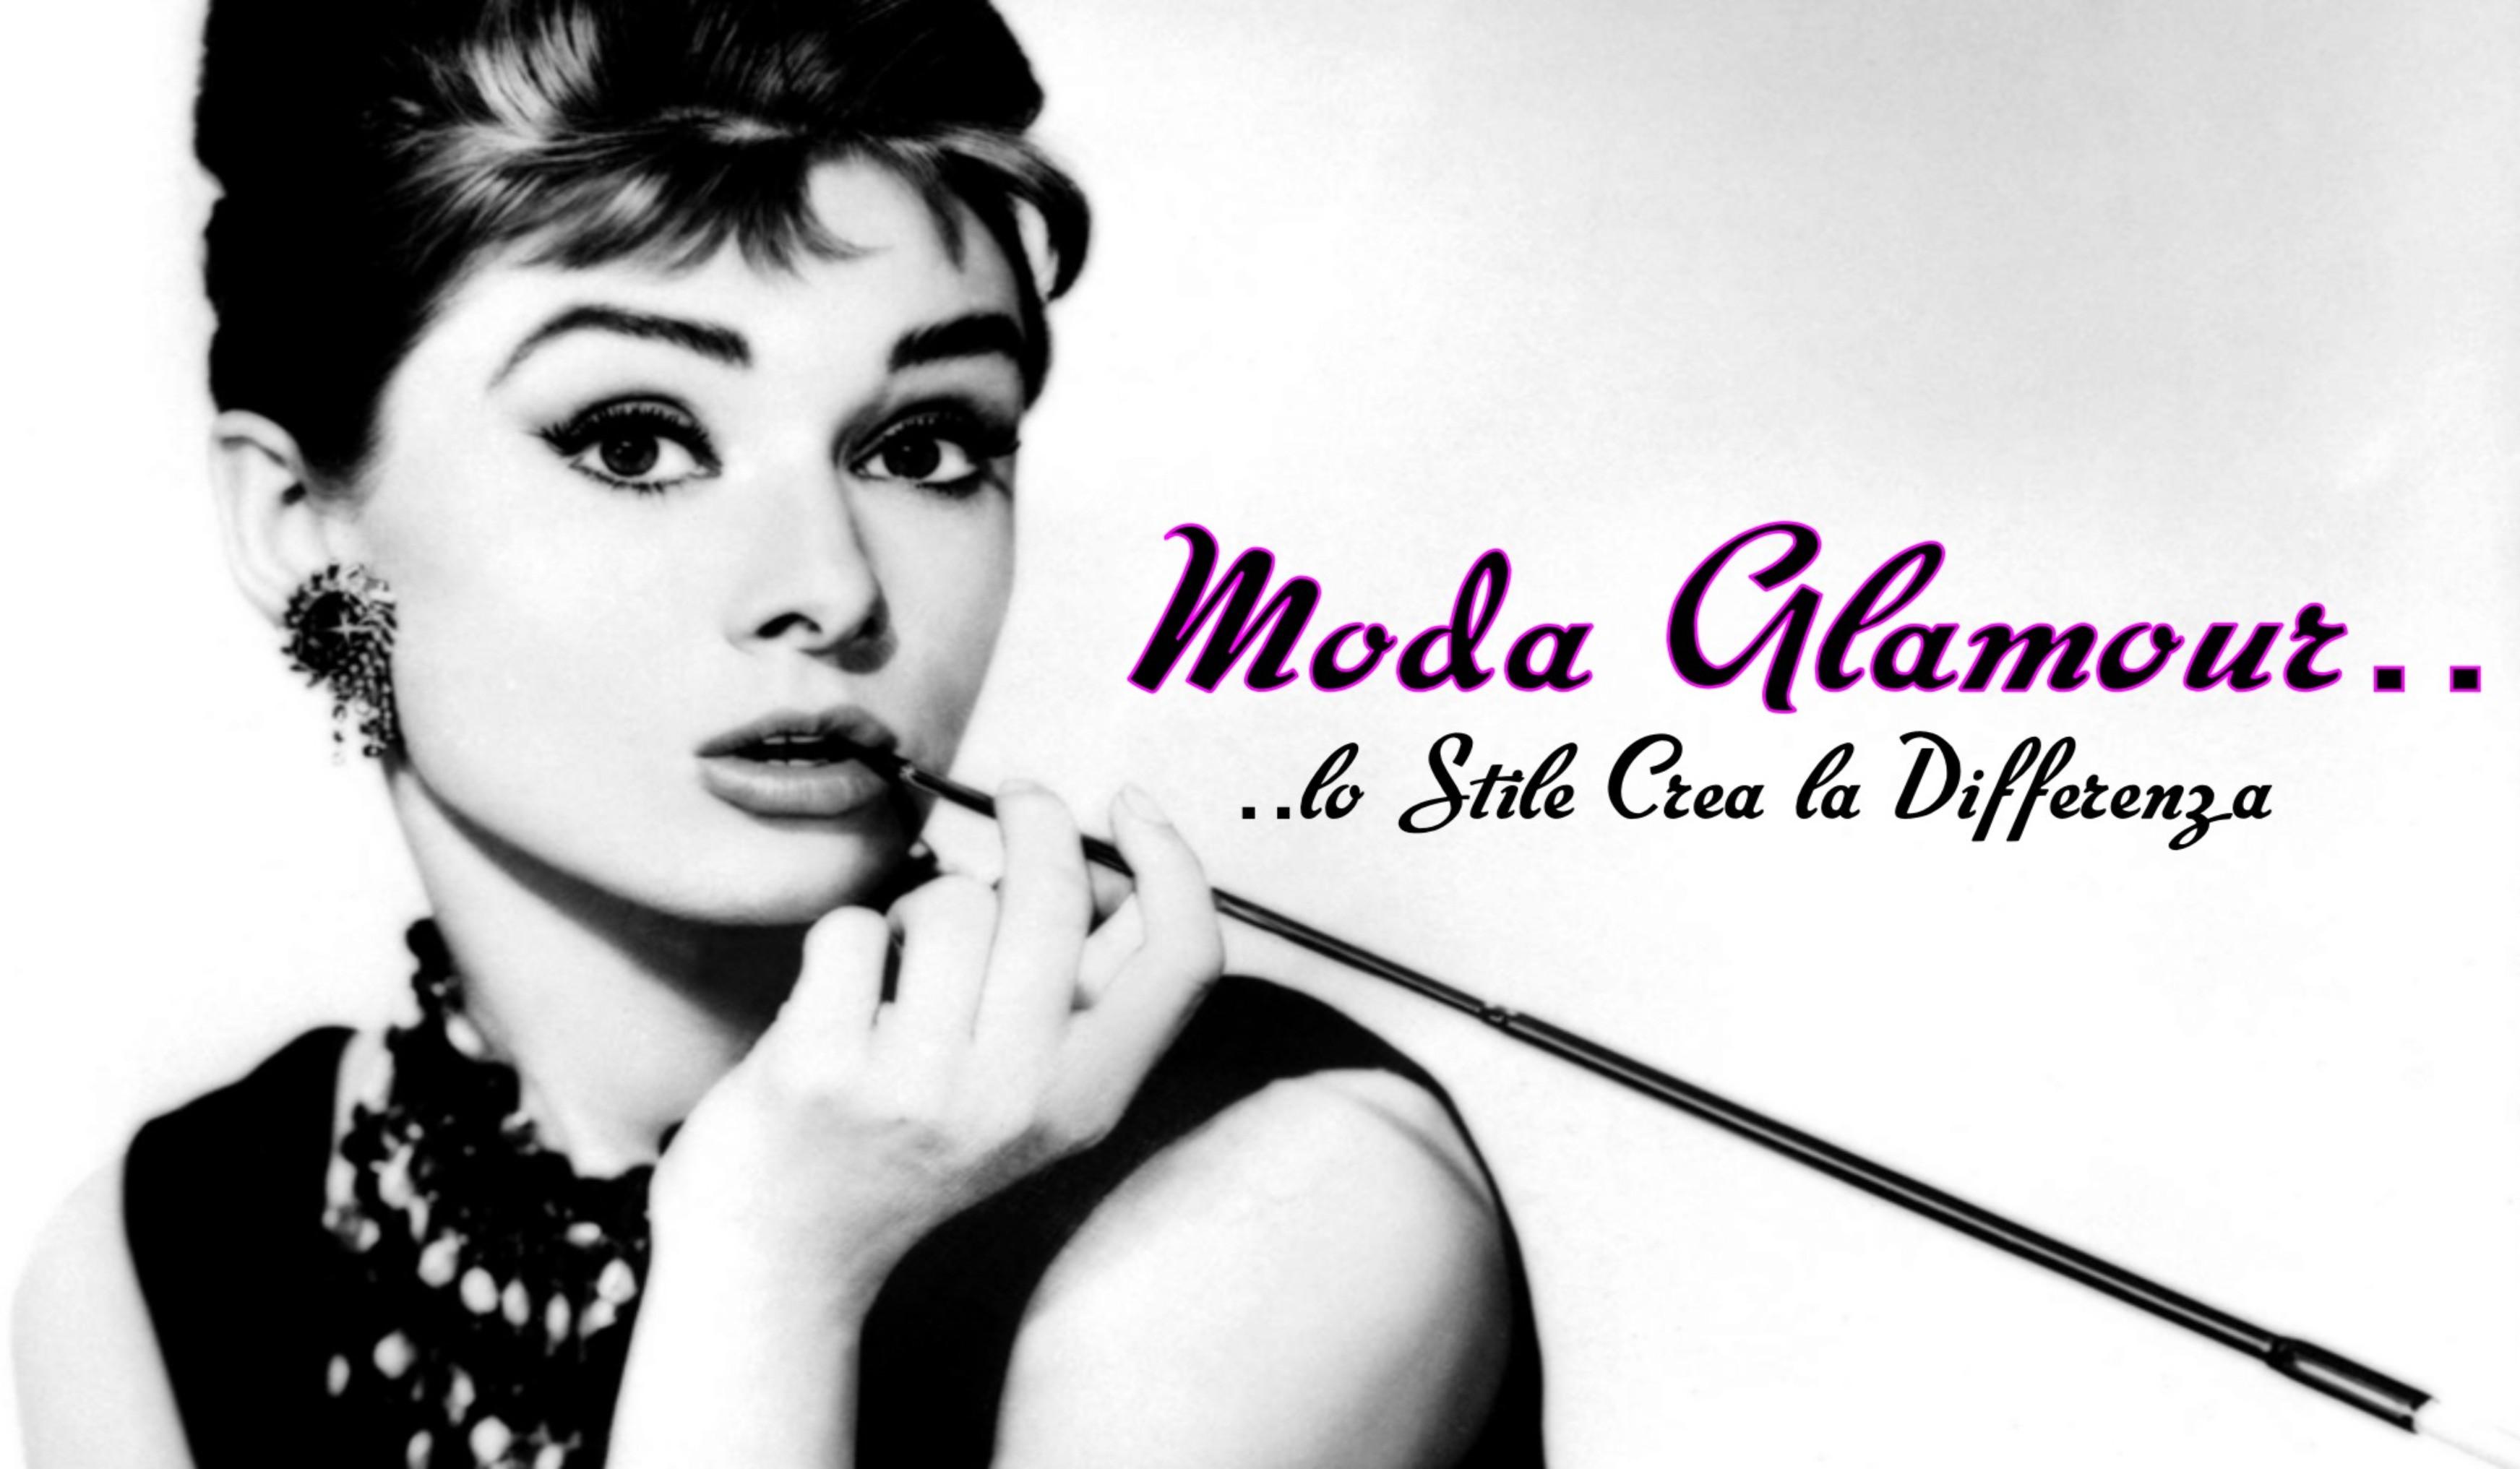 MODA GLAMOUR - vestito 79ed65ff5813